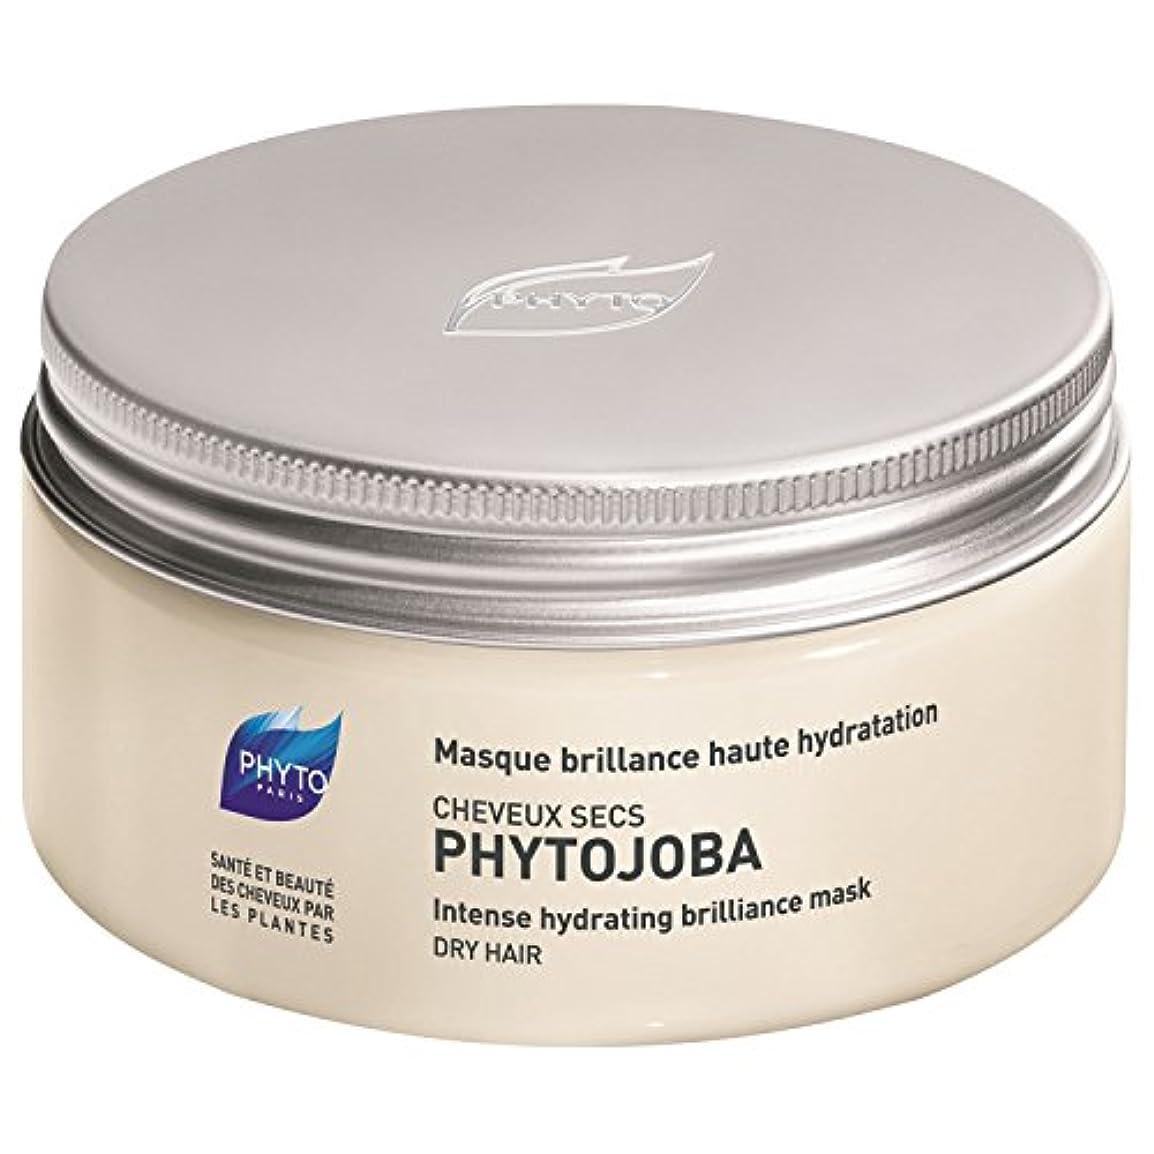 めまいが驚きまたはどちらかフィトPhytojoba強烈な水分補給マスク200ミリリットル (Phyto) (x6) - Phyto Phytojoba Intense Hydrating Mask 200ml (Pack of 6) [並行輸入品]